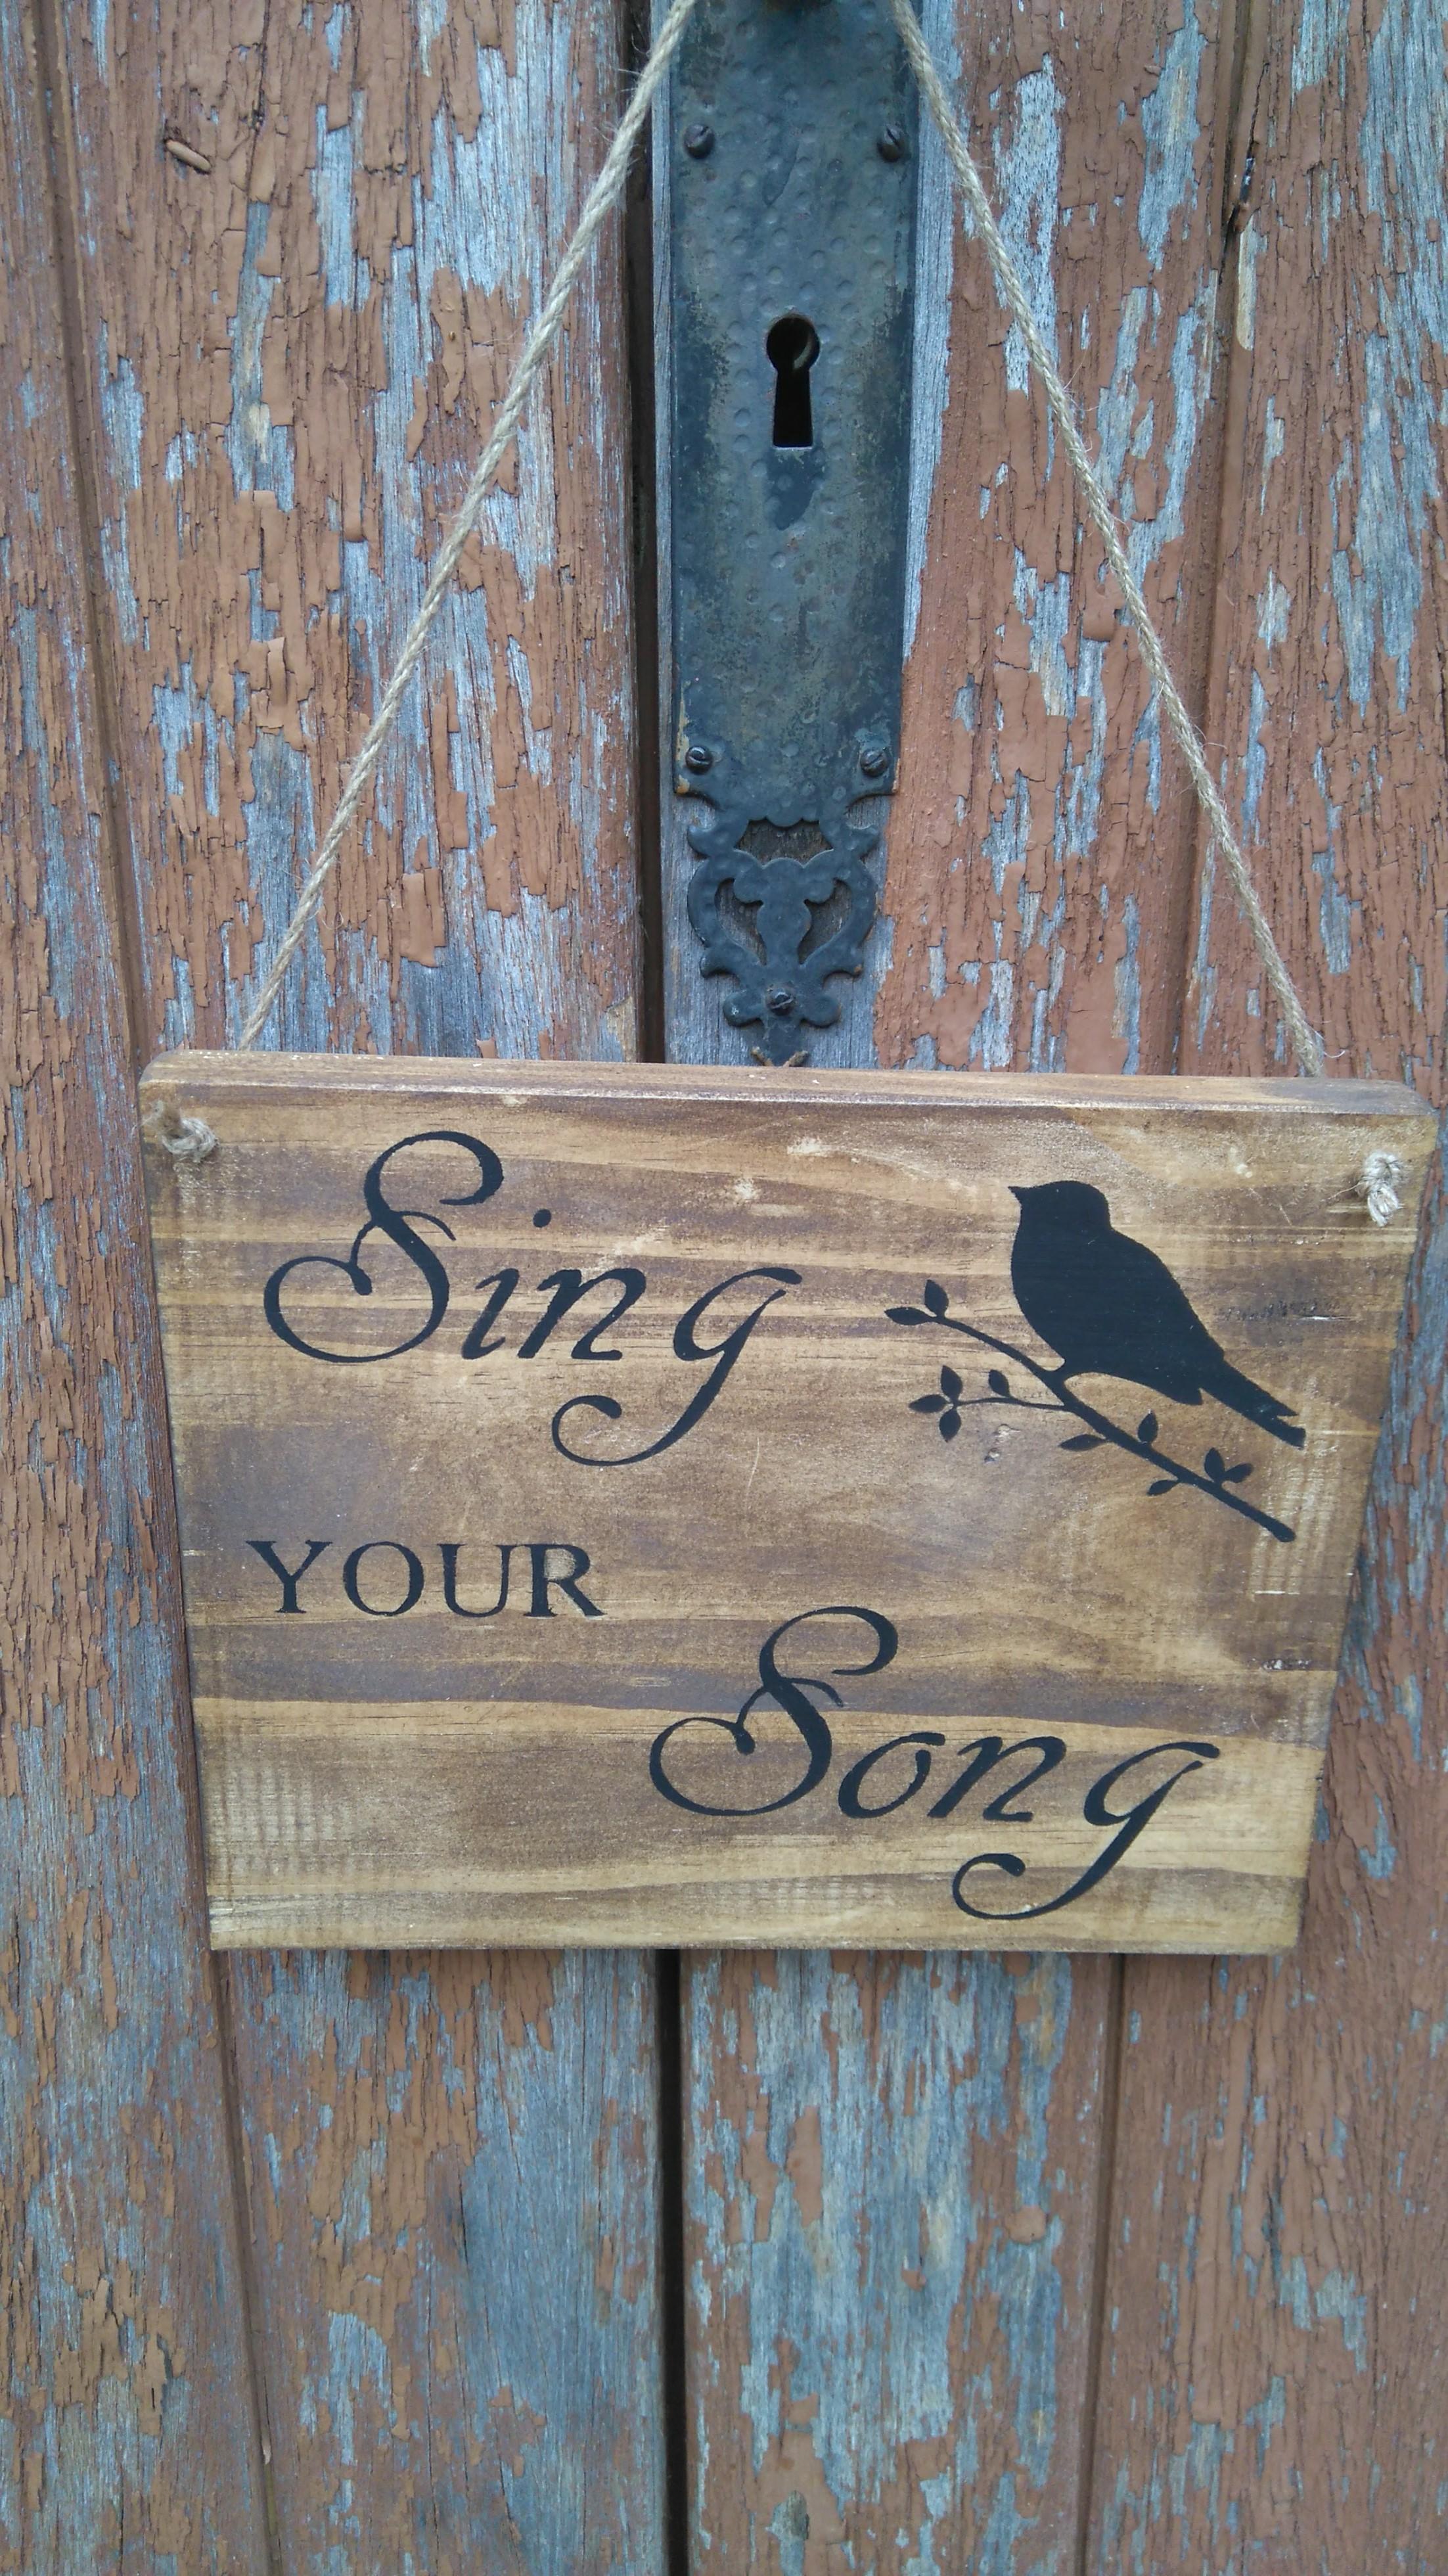 panneau mural sing your song decoration murale maison par battementdelle. Black Bedroom Furniture Sets. Home Design Ideas